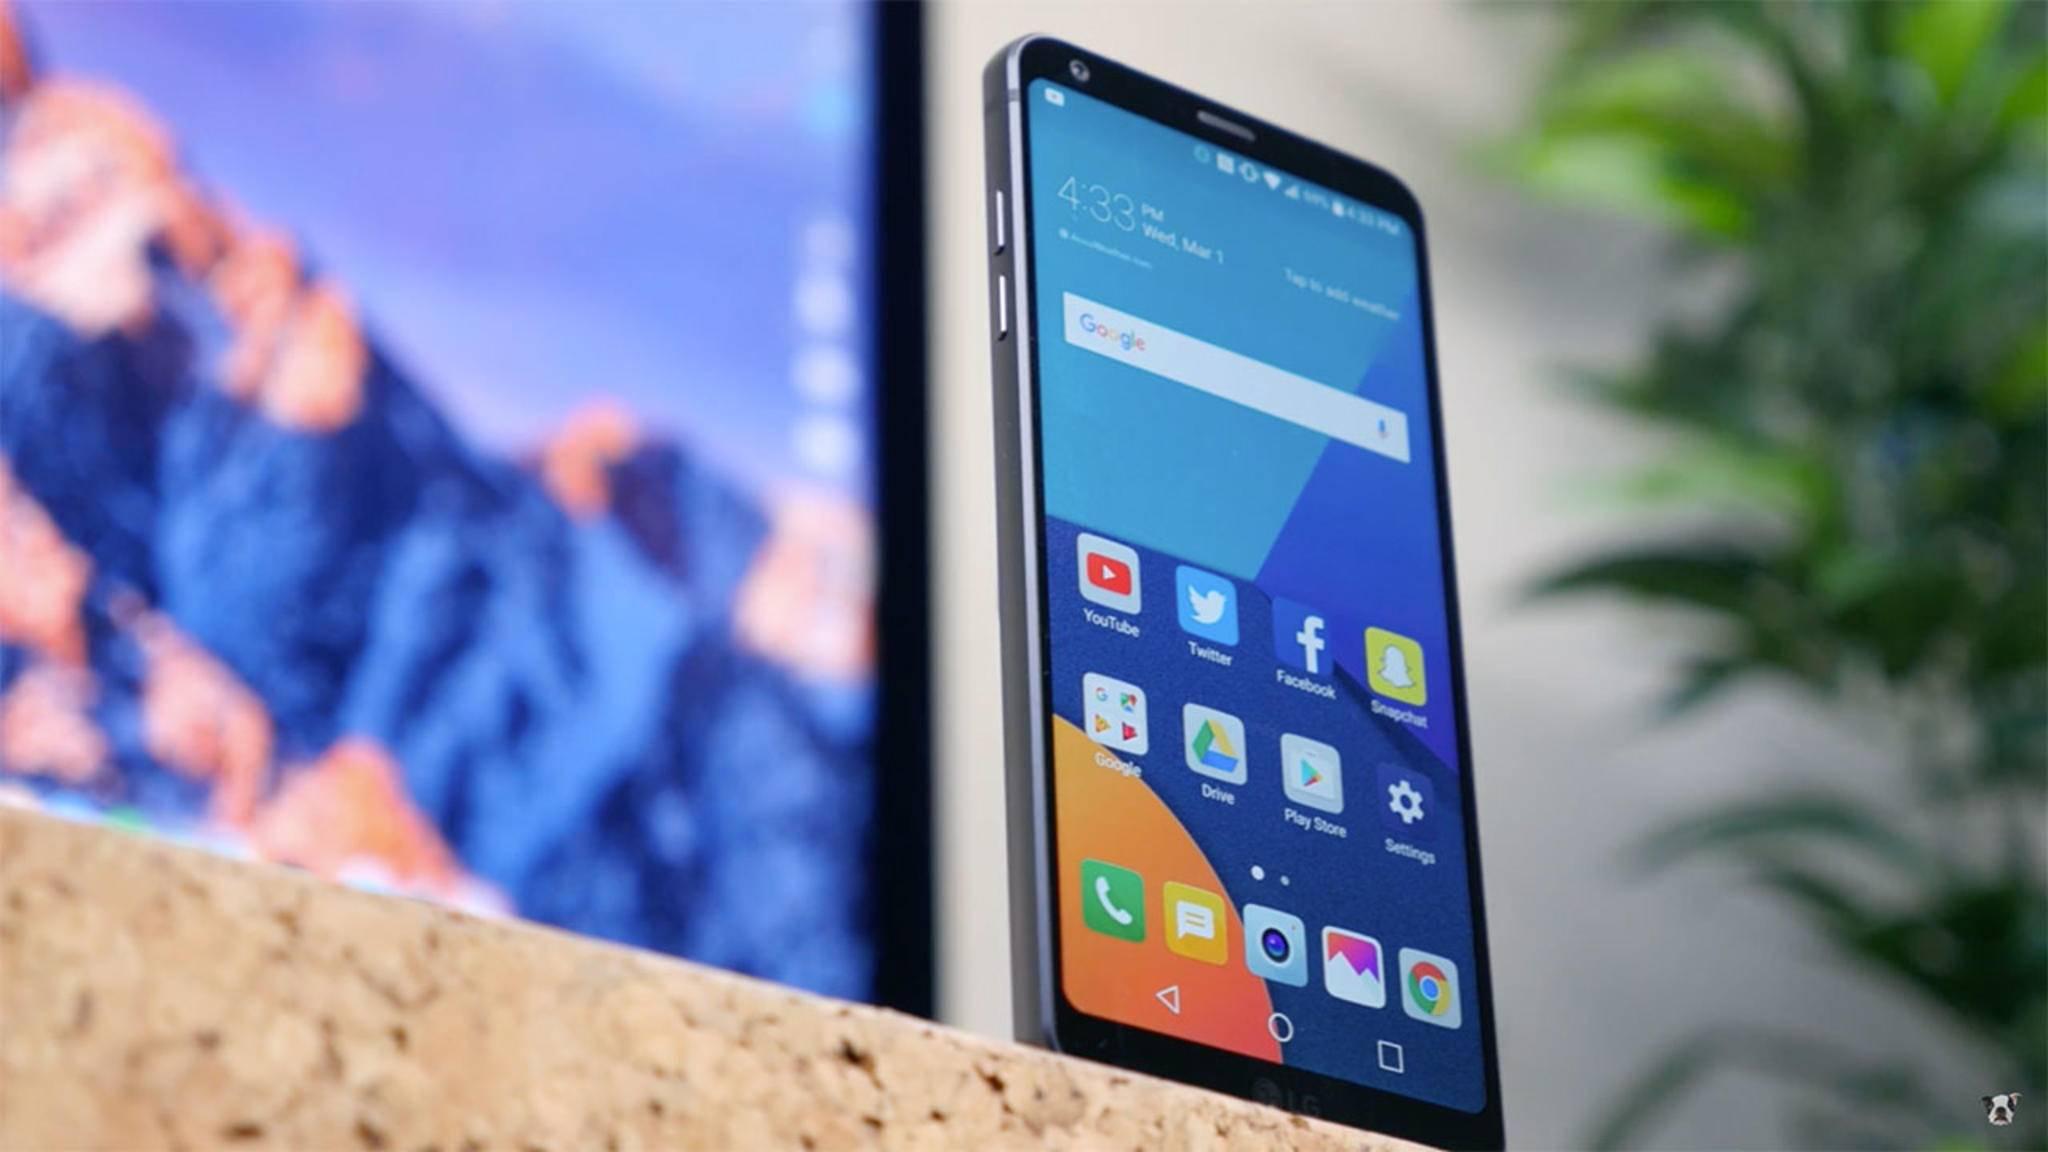 Das LG G6 erhält endlich ein Upgrade auf Android Oreo.